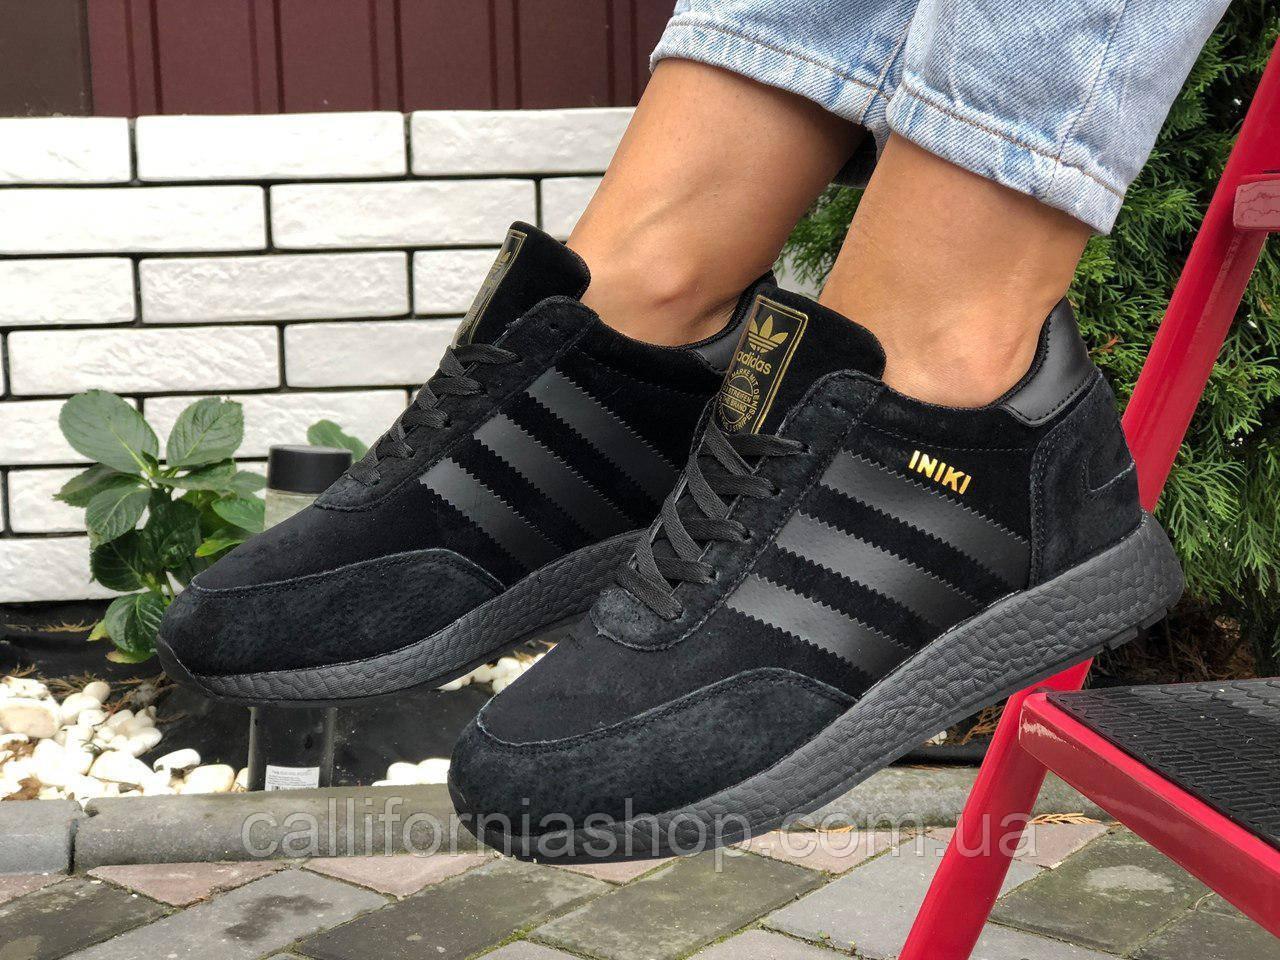 Женские черные кроссовки зимние Adidas Iniki Адидас Иники  на меху теплые